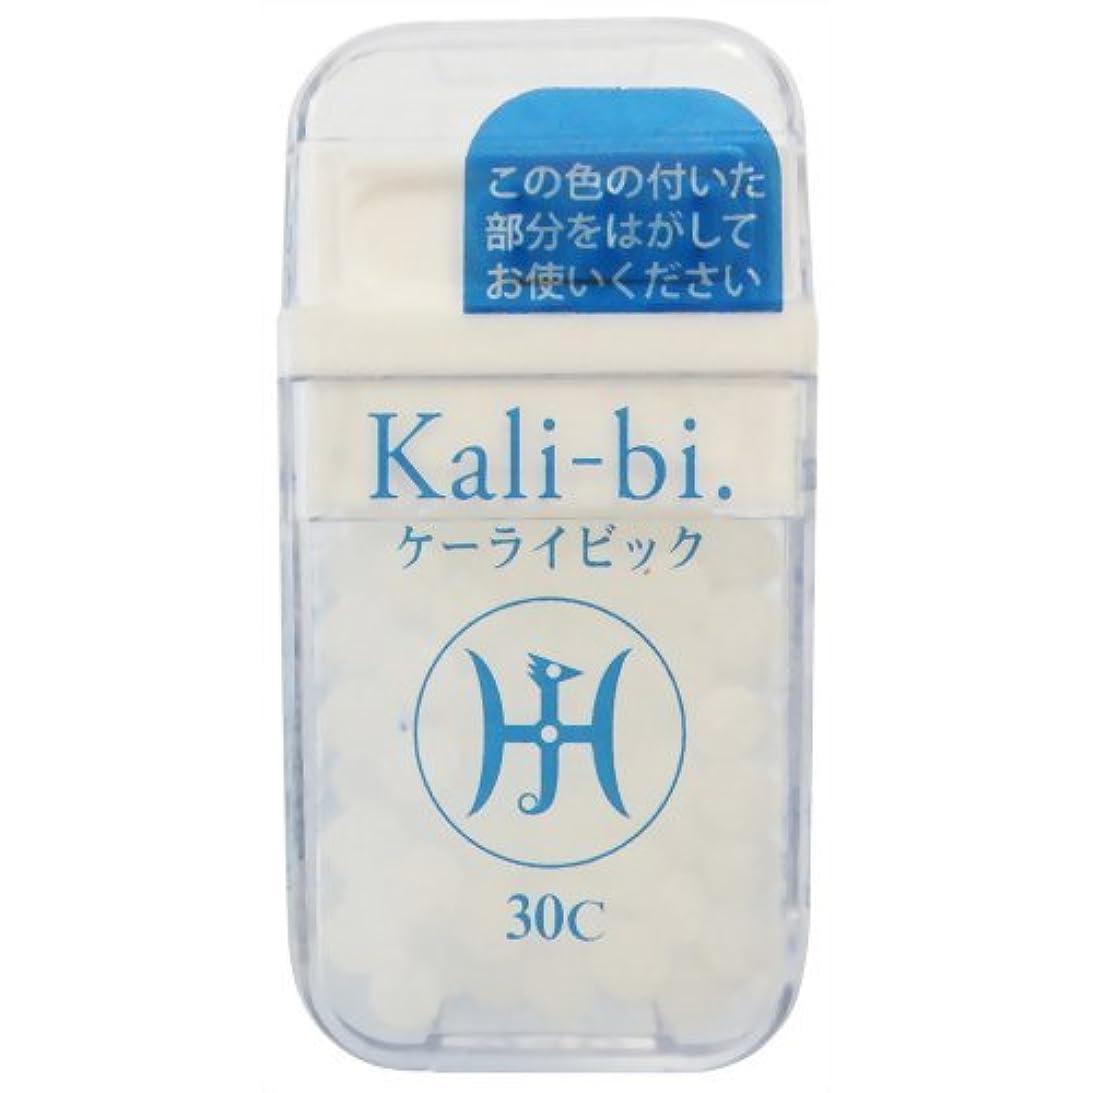 破滅的な玉宿題ホメオパシージャパンレメディー Kali-bi.  ケーライビック 30C (大ビン)